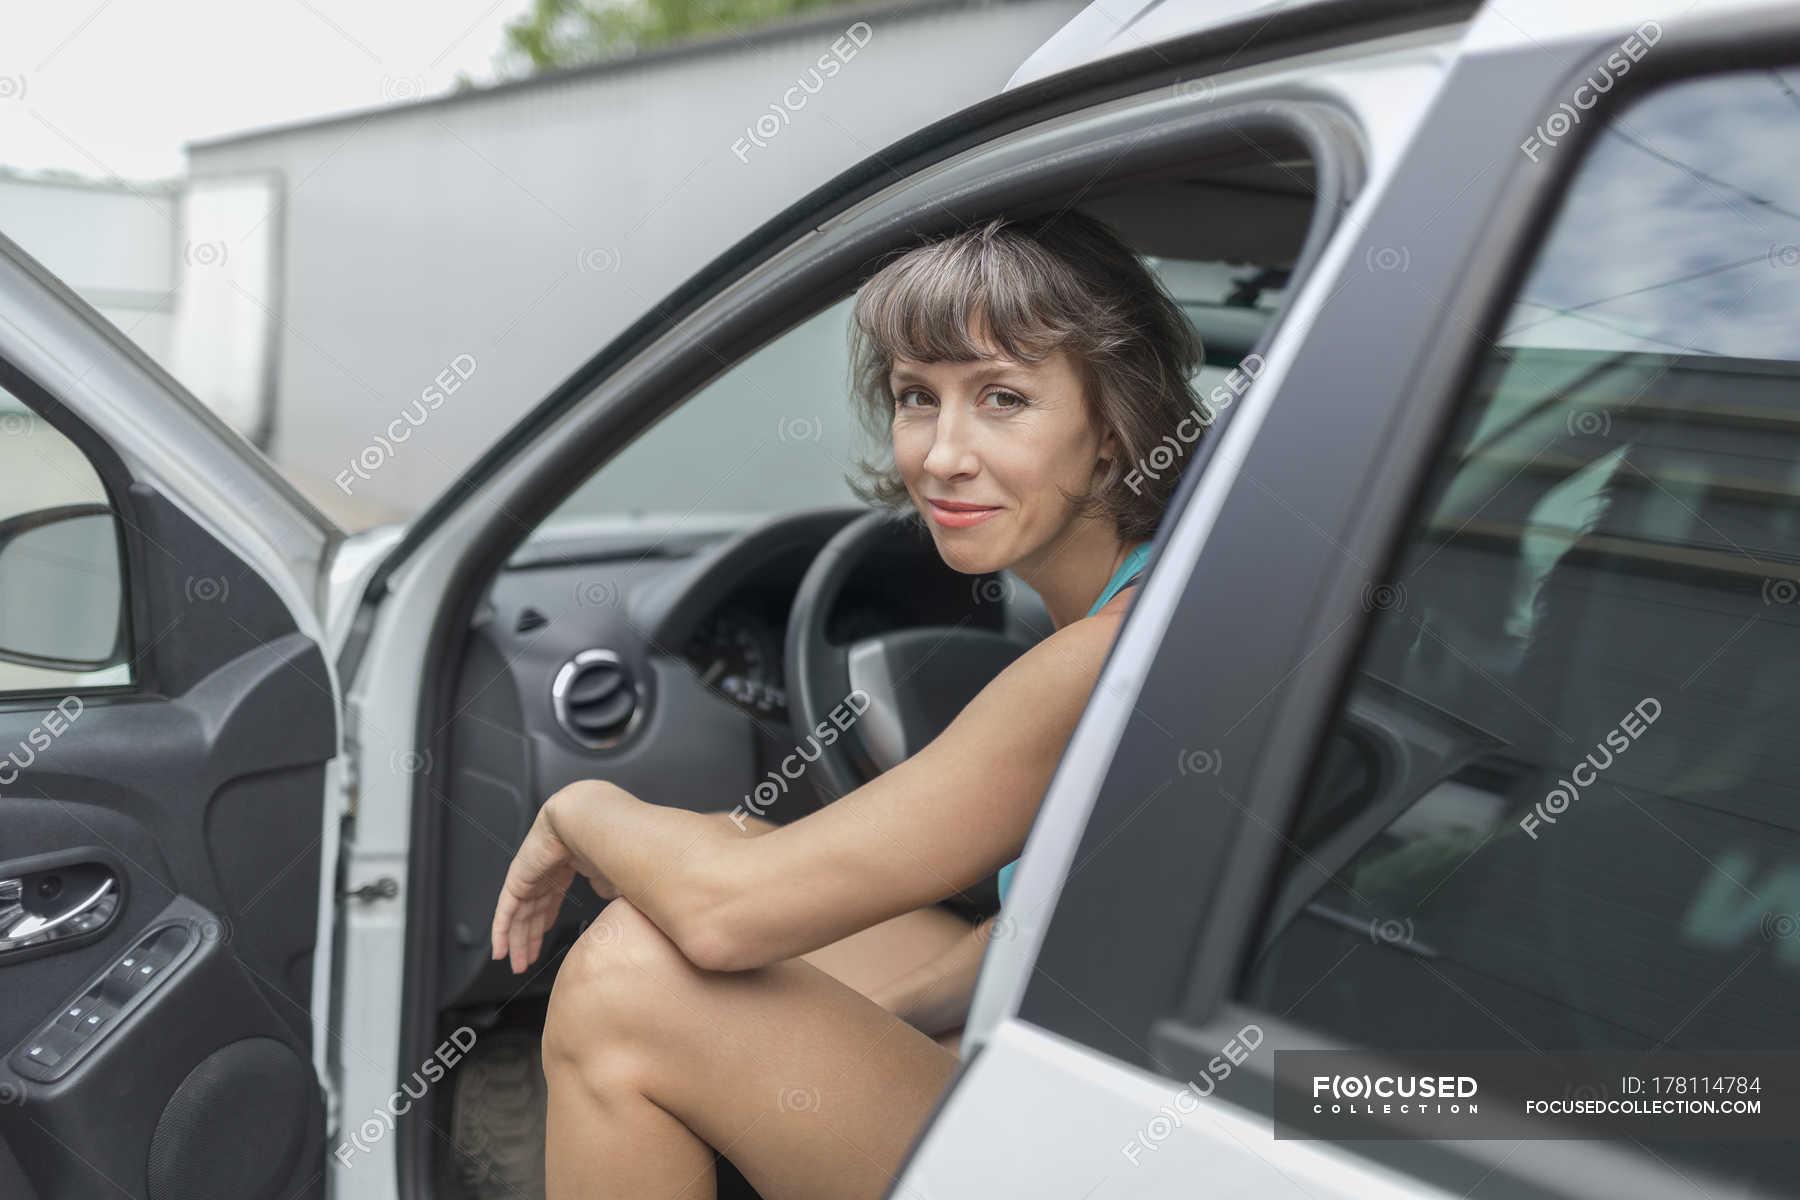 дамы видео зрелые мастурбируют в авто